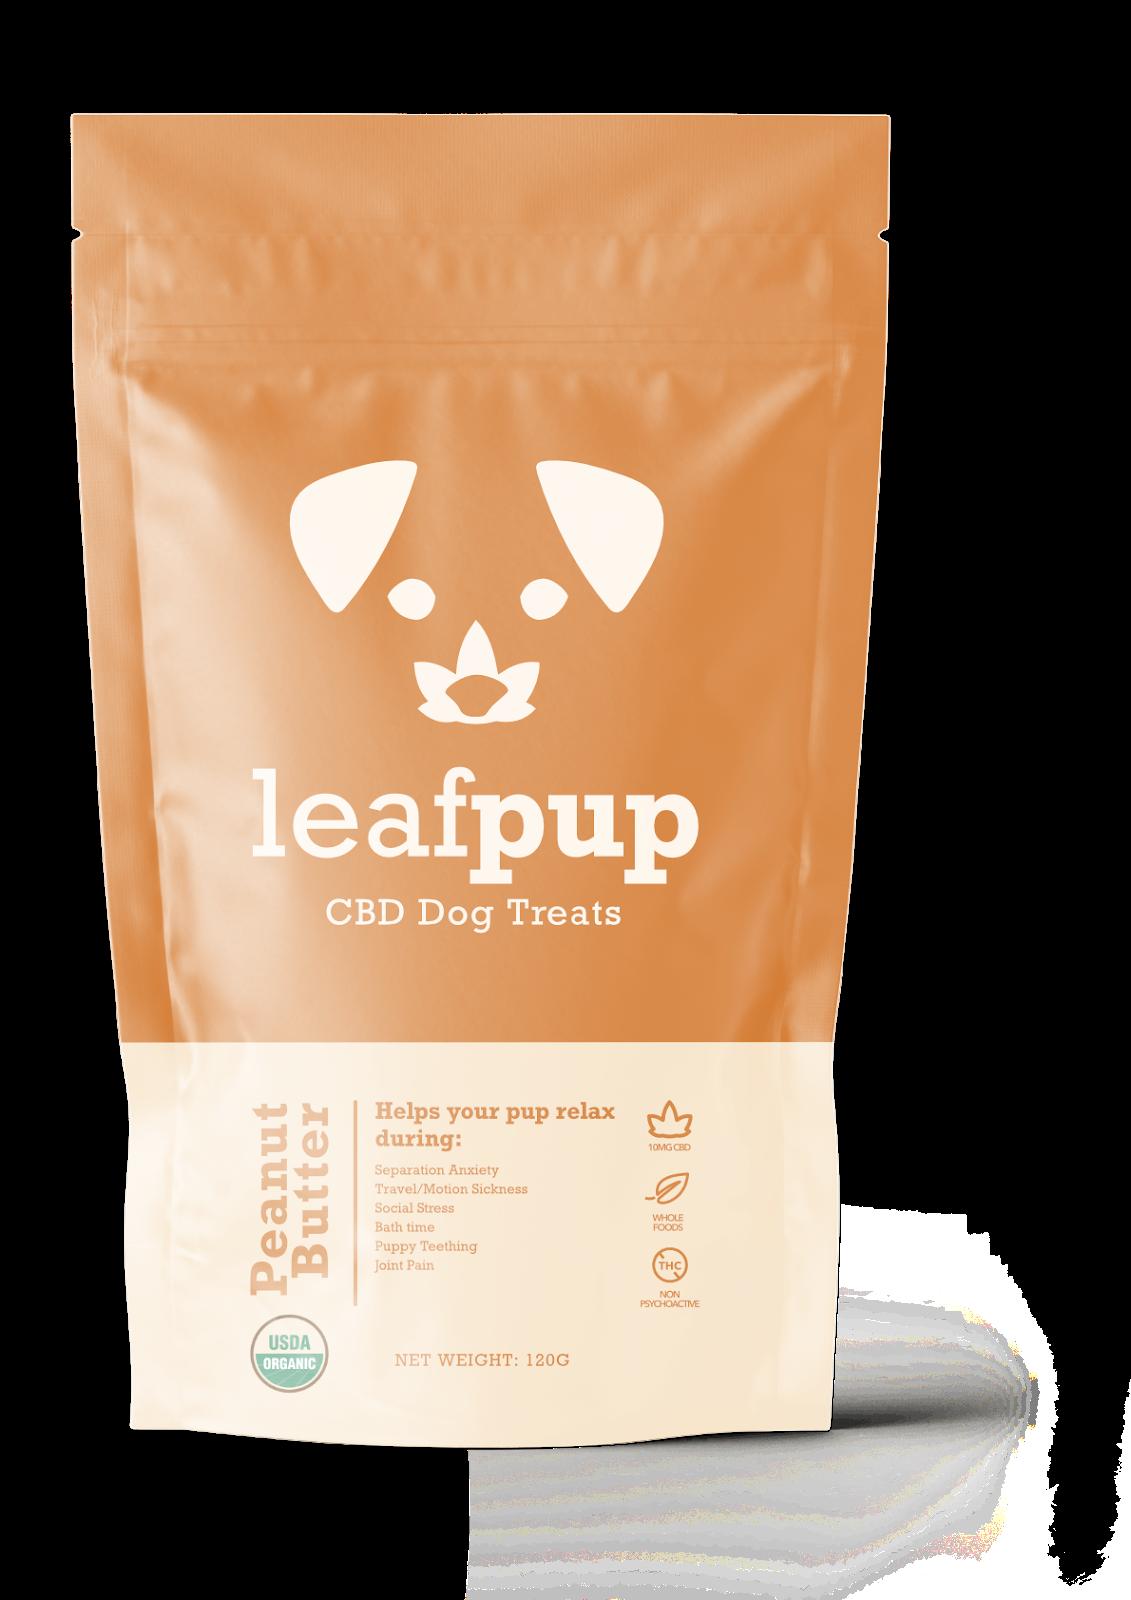 Leafpup's Package